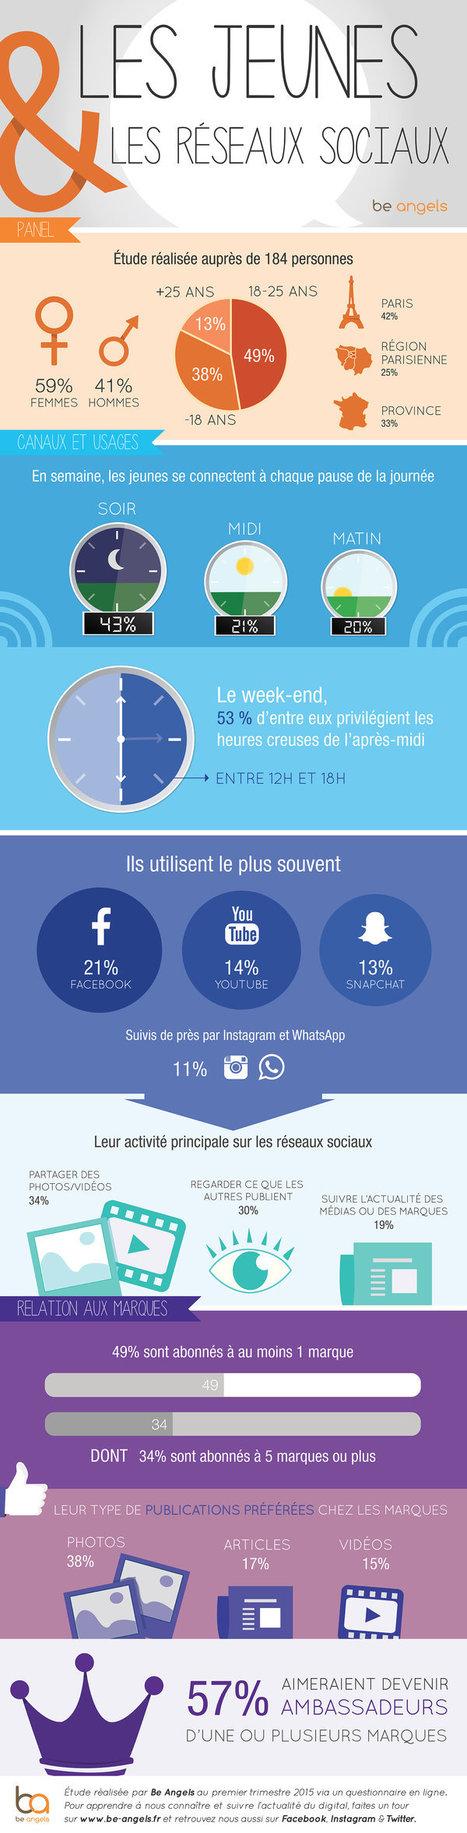 [Infographie] Que font les jeunes sur les réseaux sociaux ? | Community Manager...What Else ? | Scoop.it